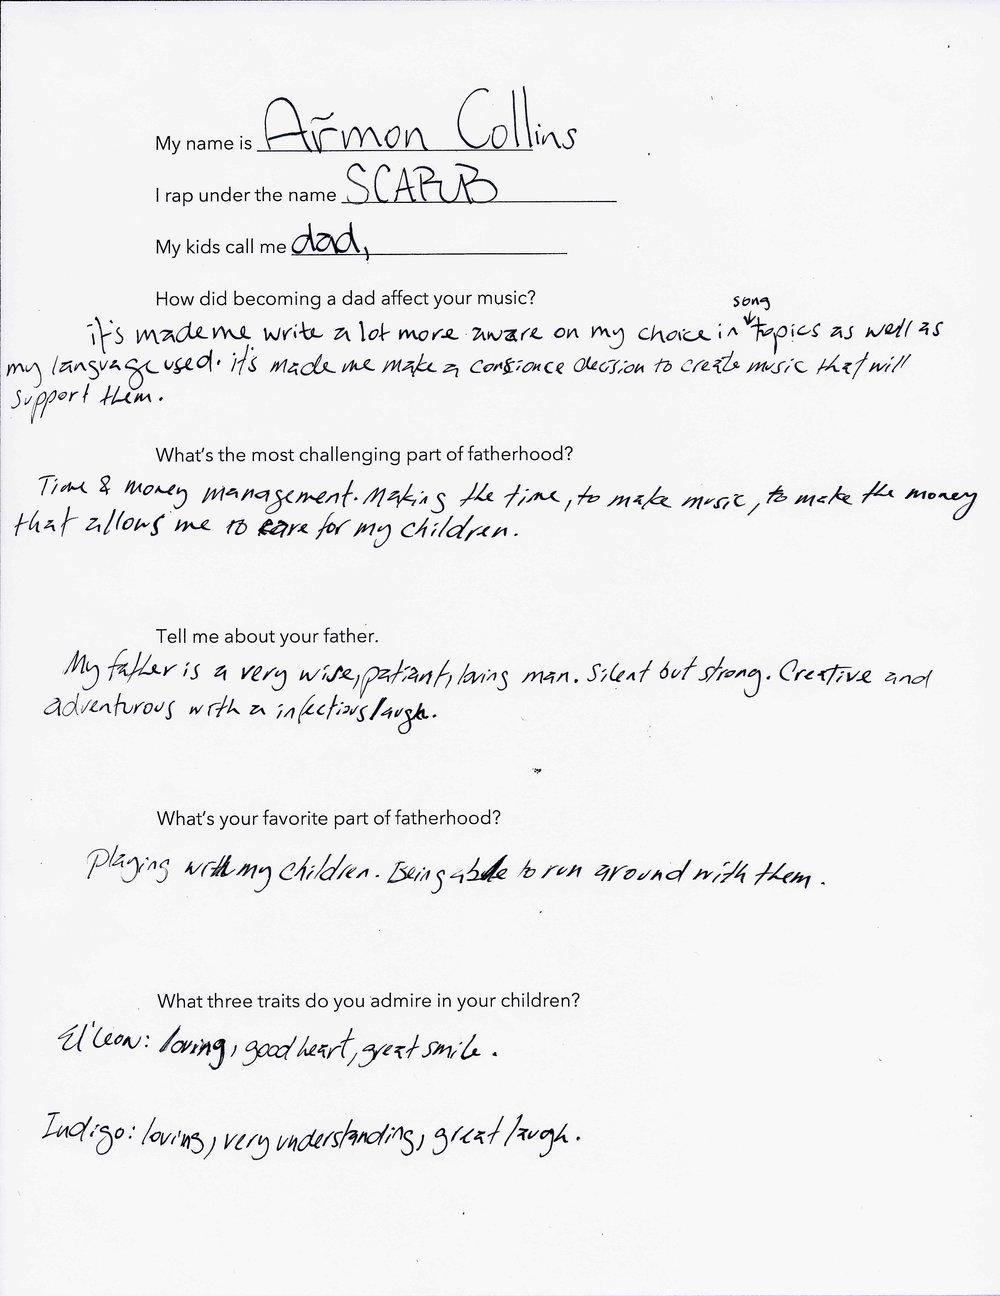 Scarub's Questionnaire